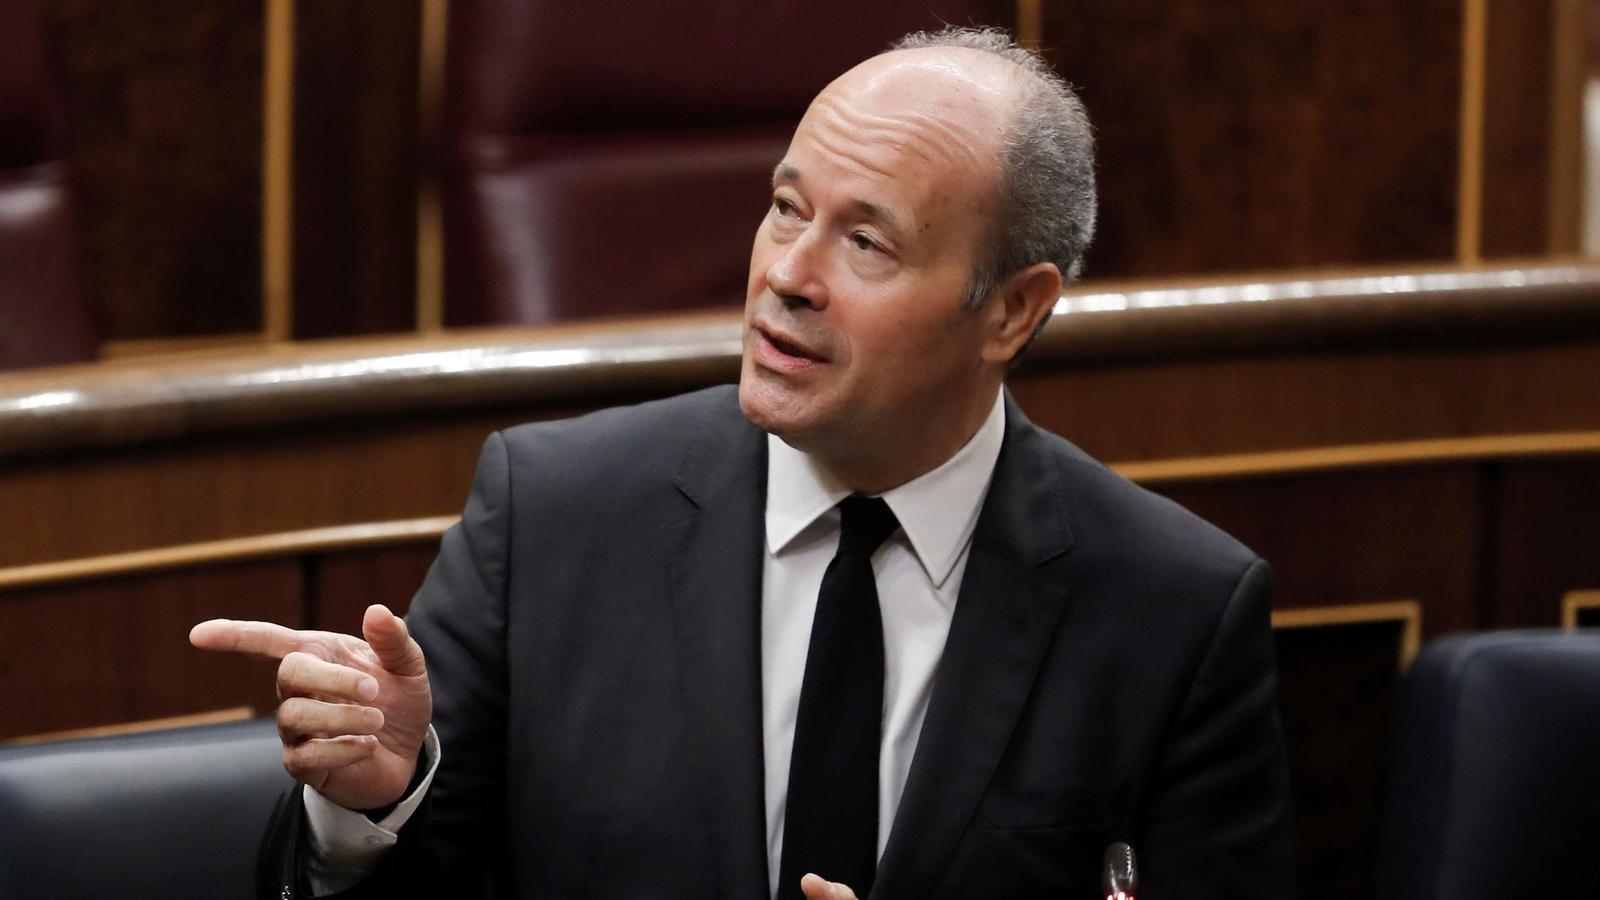 """El ministre de Justícia no atendrà l'informe d'Amnistia sobre els Jordis: """"Creuen que el govern pot obrir les cel·les?"""""""